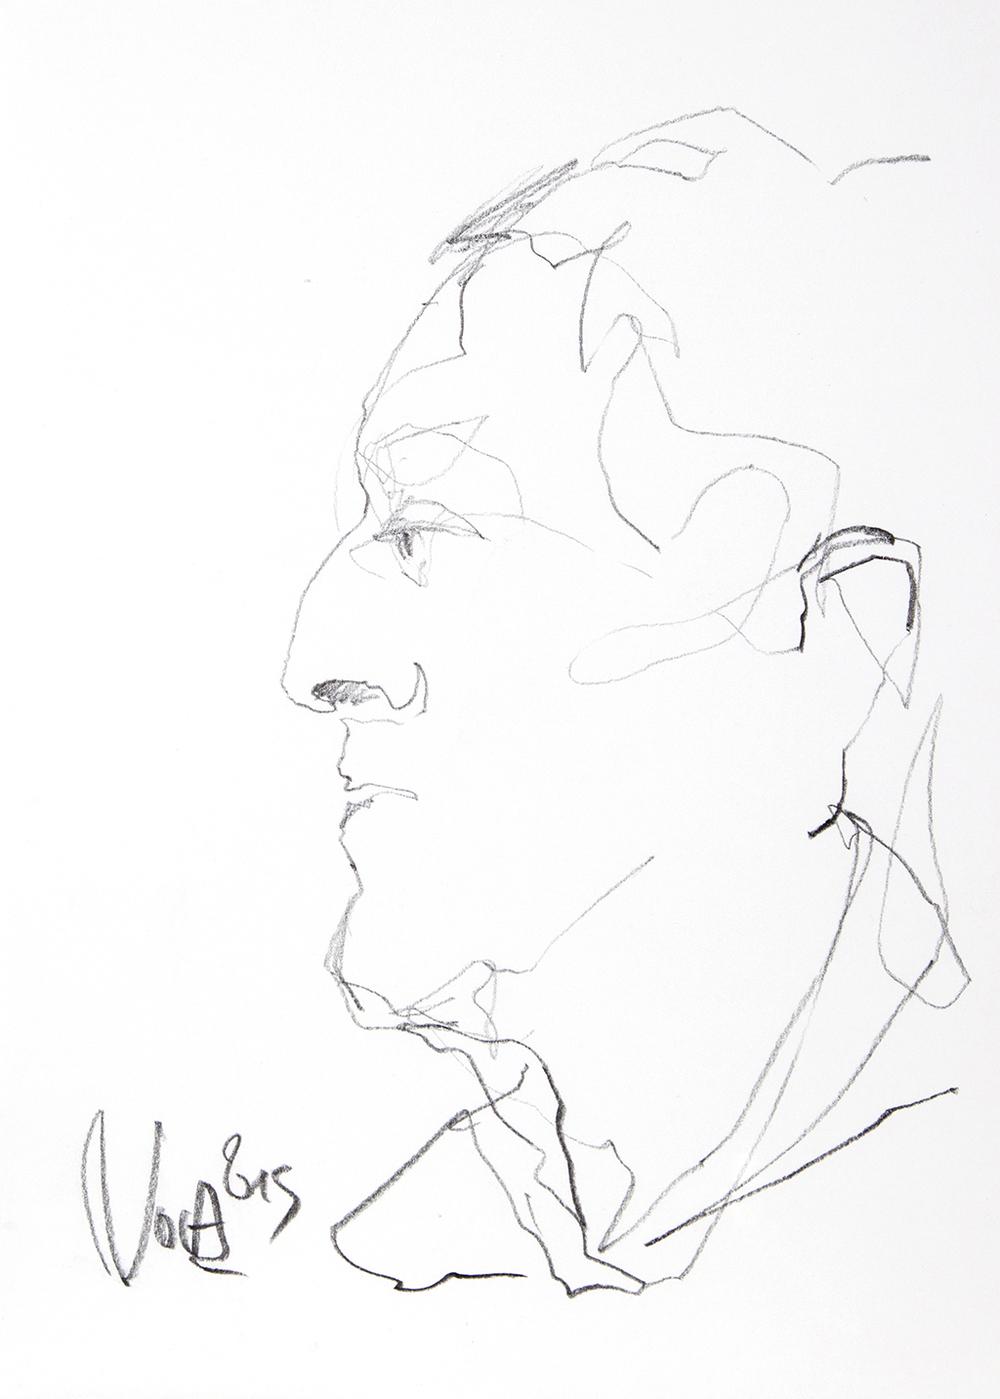 2015 02 Skizze 10, 29,5x21cm, Bleistift auf Papier.jpg